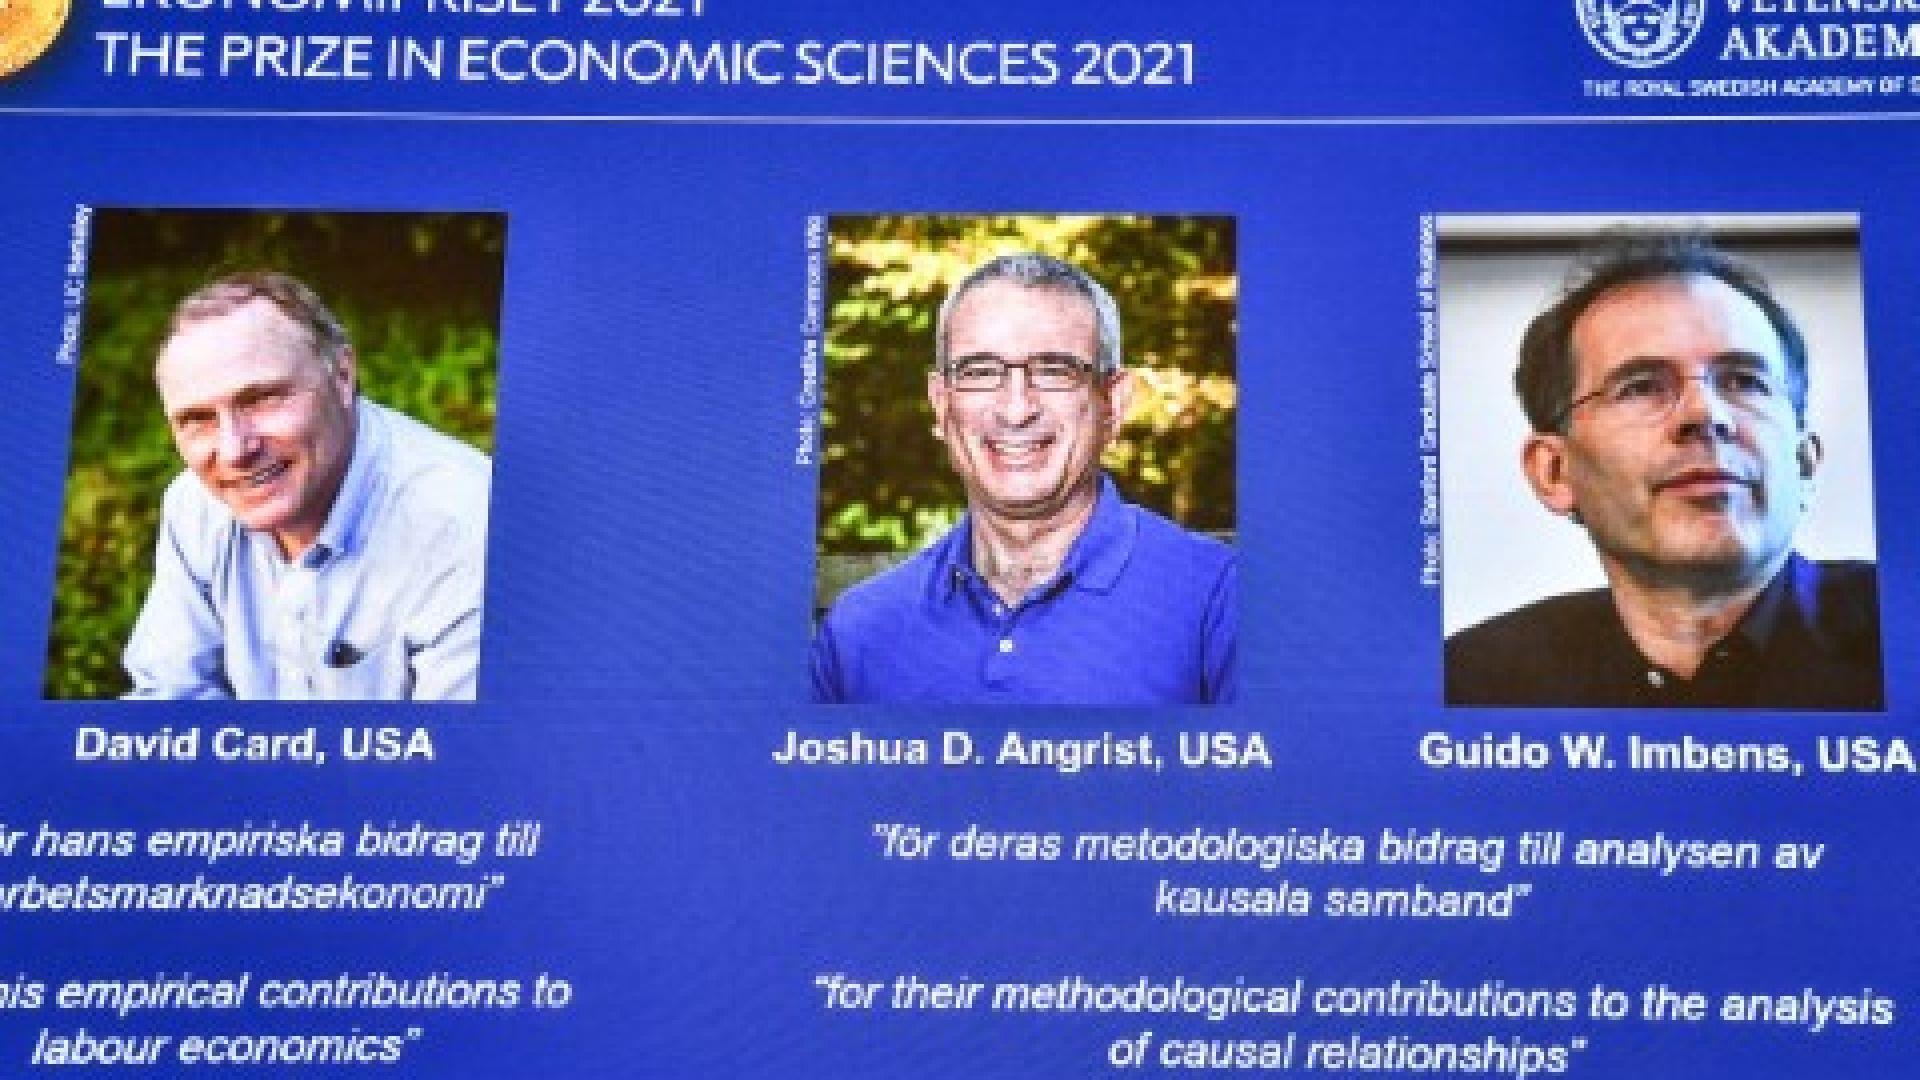 Изследвания за реалния живот донесоха Нобелова награда на трима икономисти, работещи в САЩ